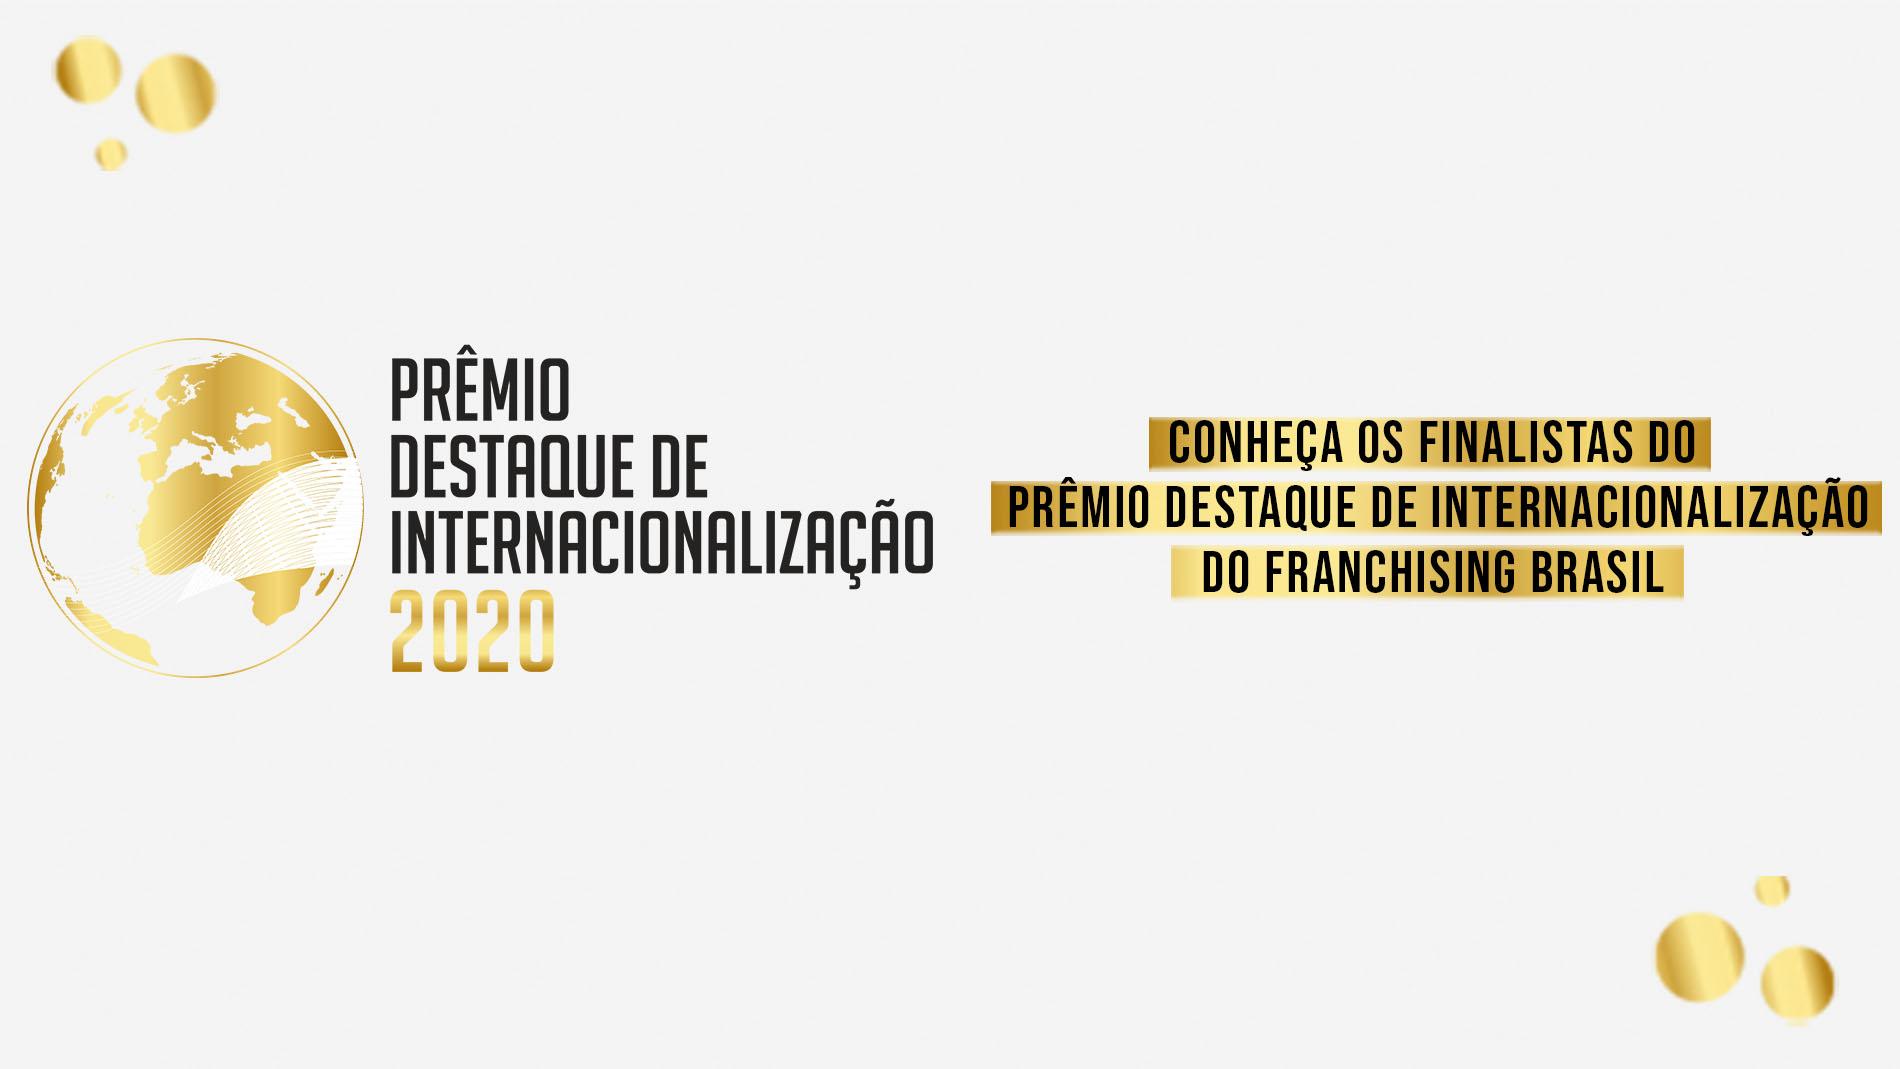 Conheça os finalistas do Prêmio Destaque de Internacionalização